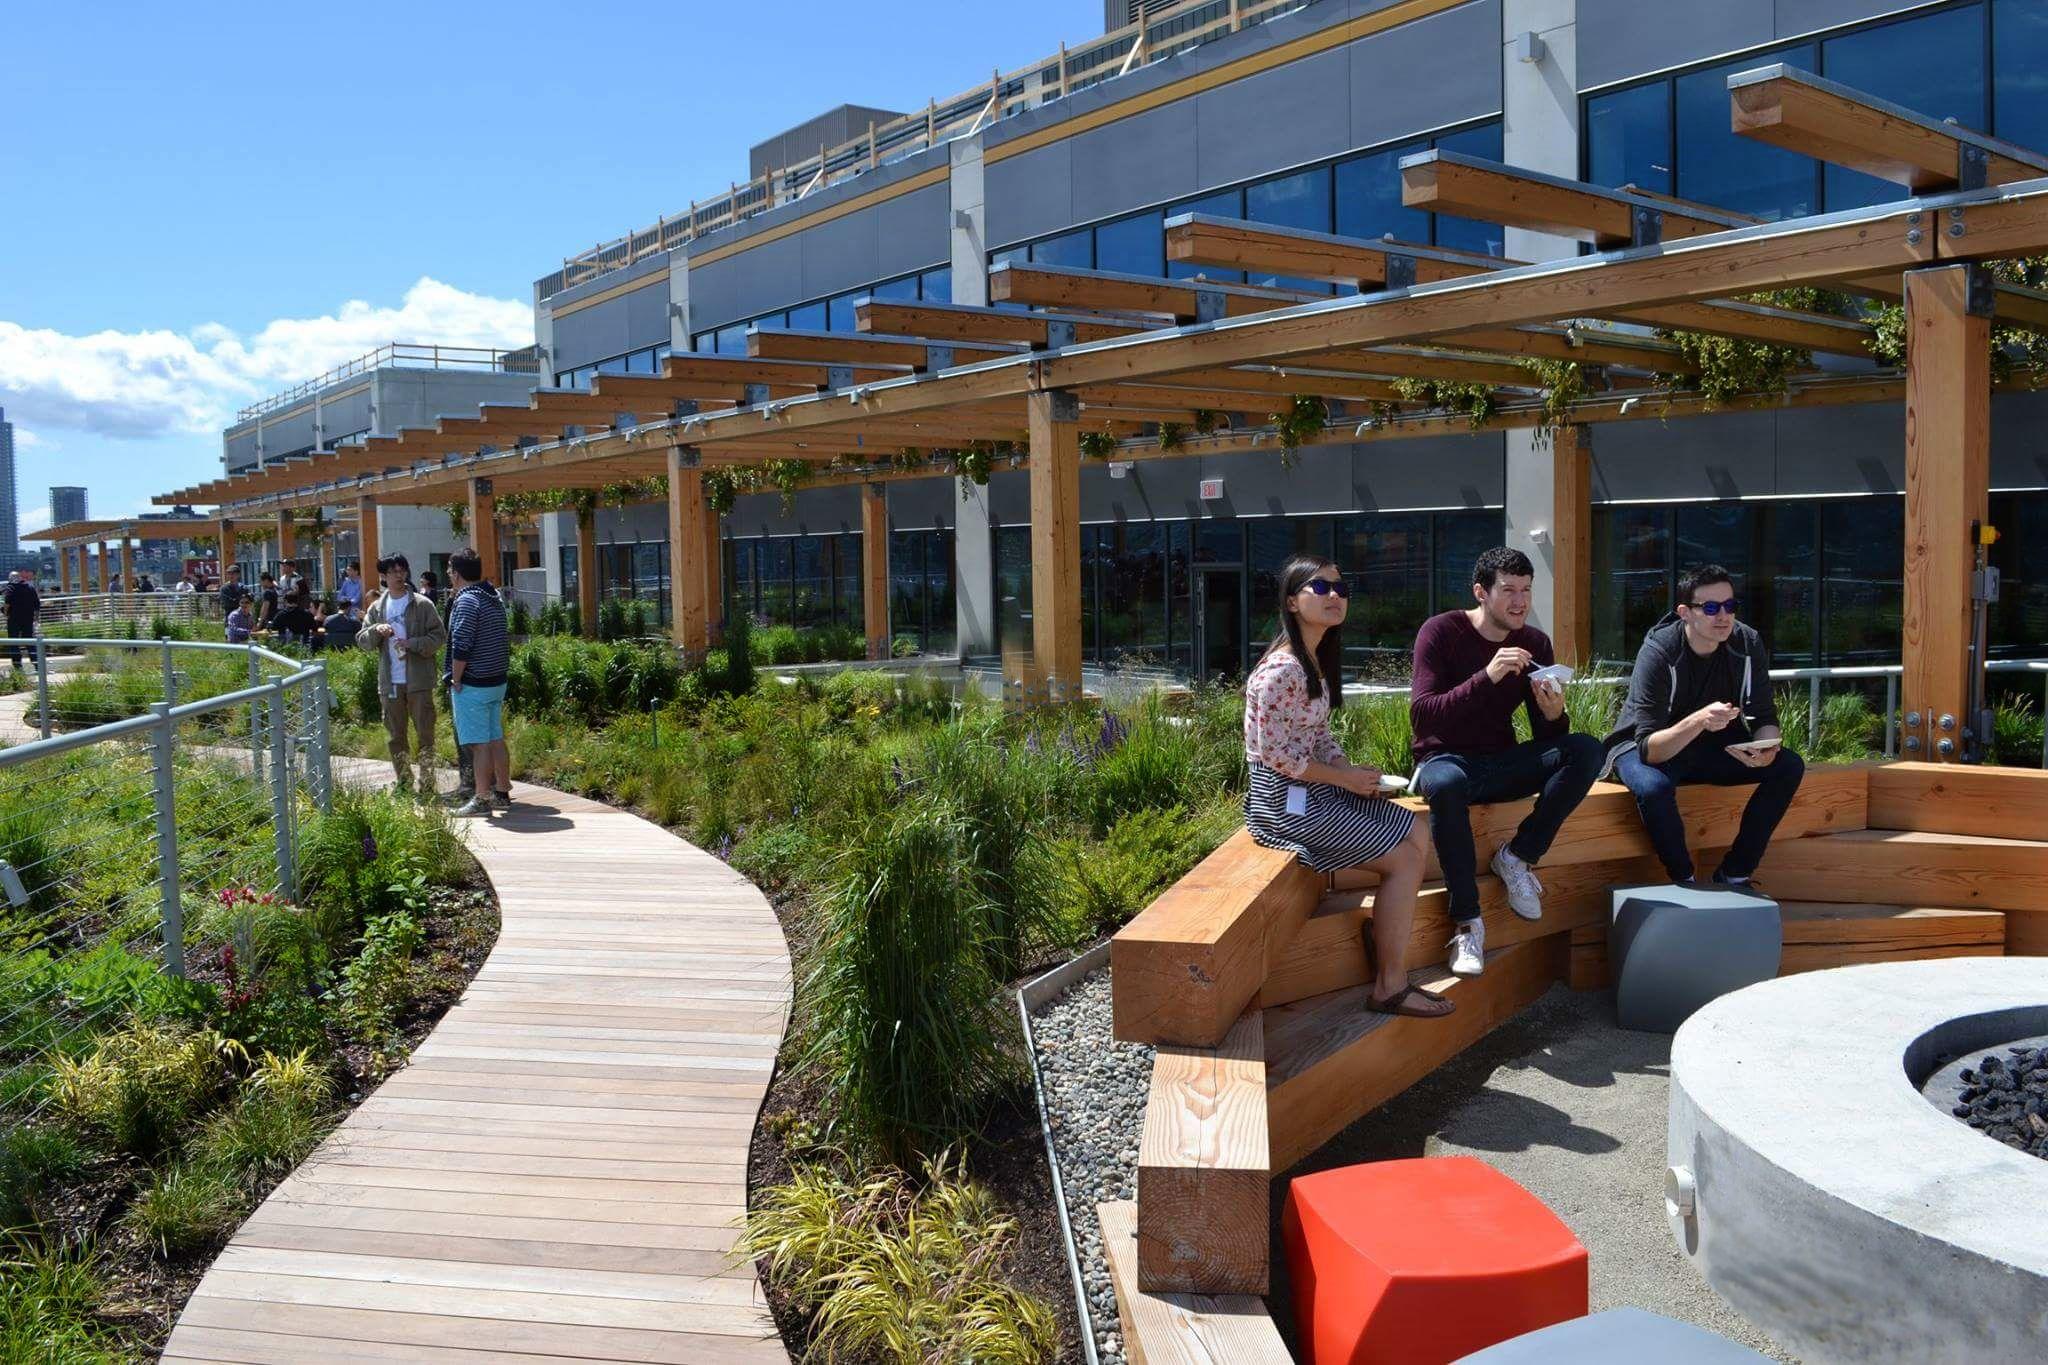 Facebook Headquarters Seattle Roof Top Garden Rooftop Garden Living Roofs Outdoor Design